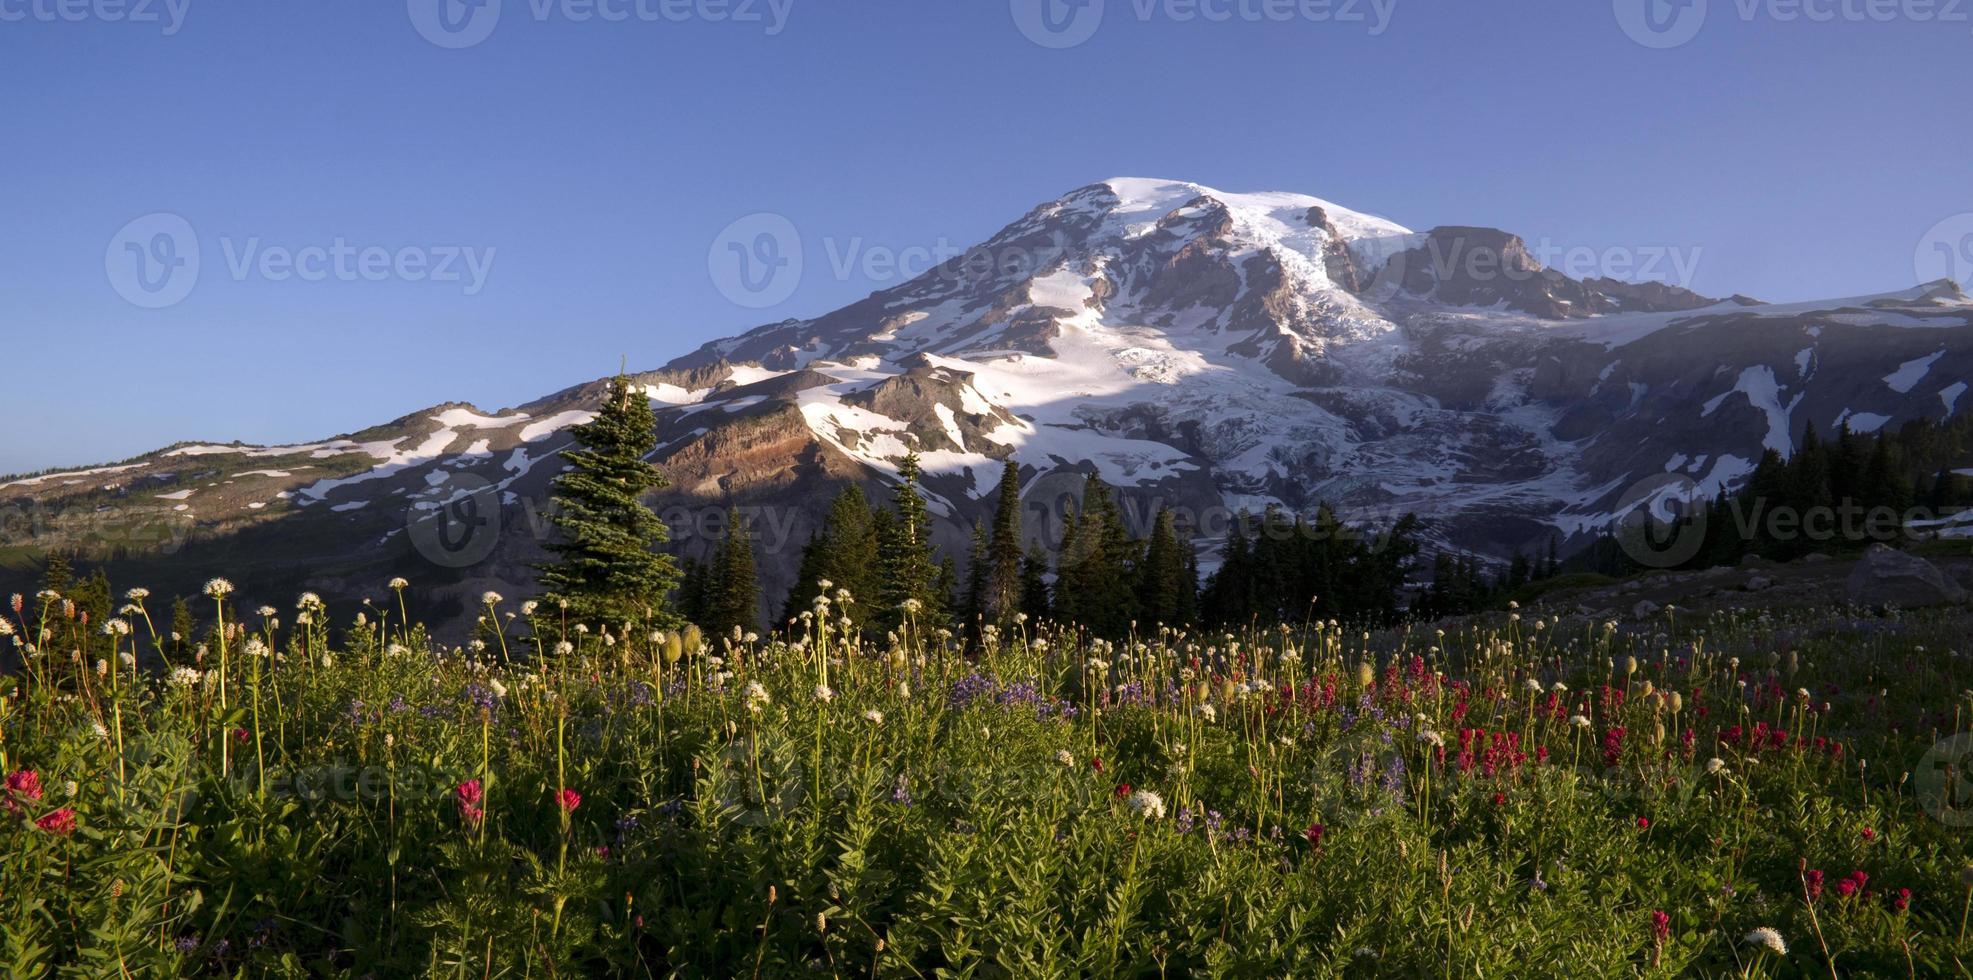 flores do fim do verão mt. trilha do horizonte do parque nacional mais chuvoso foto